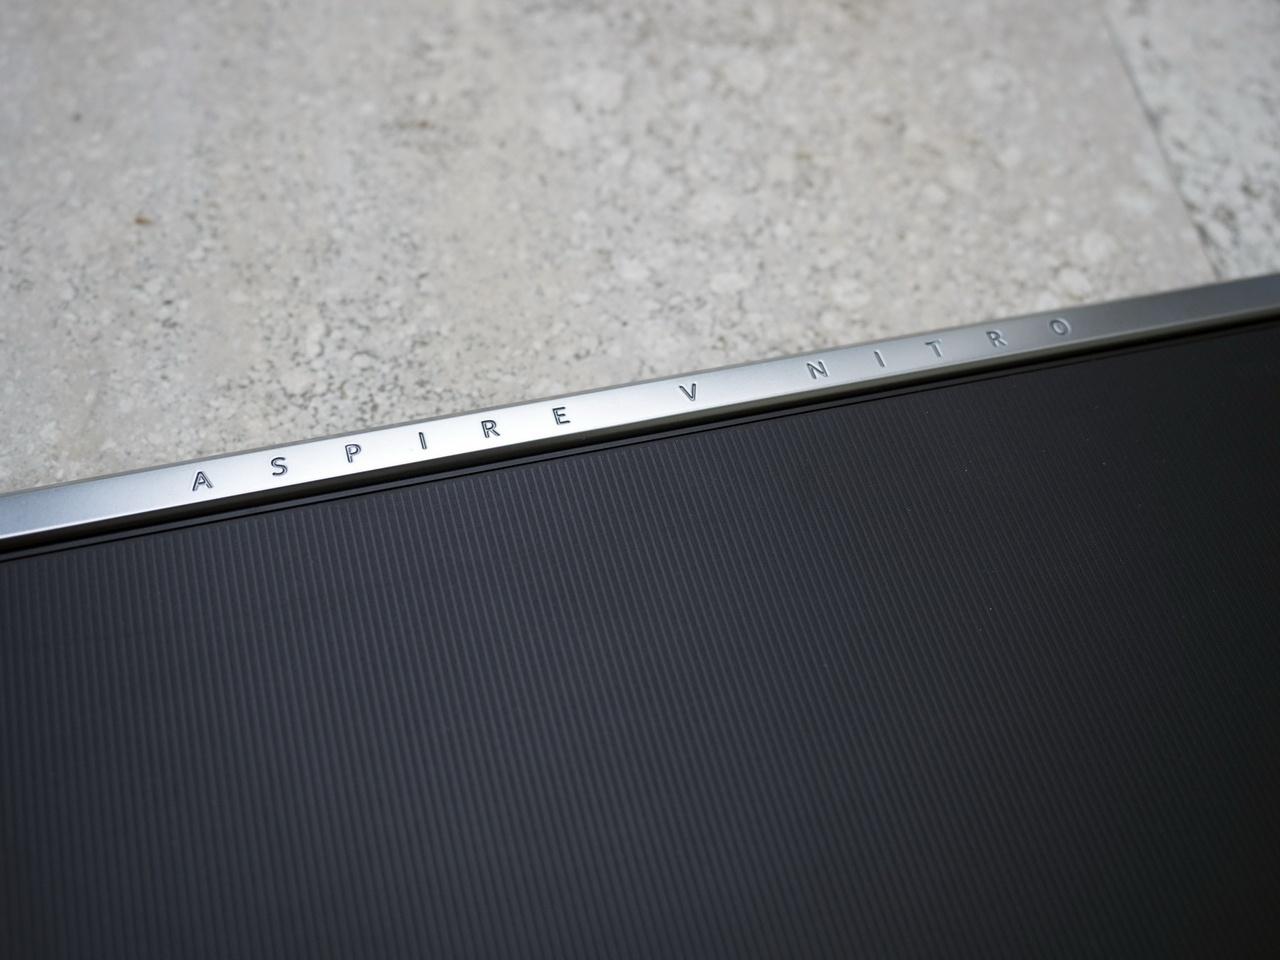 Acer на CES 2016: мониторы, планшеты, игровые ноутбуки и ультрамобильный трансформер - 24